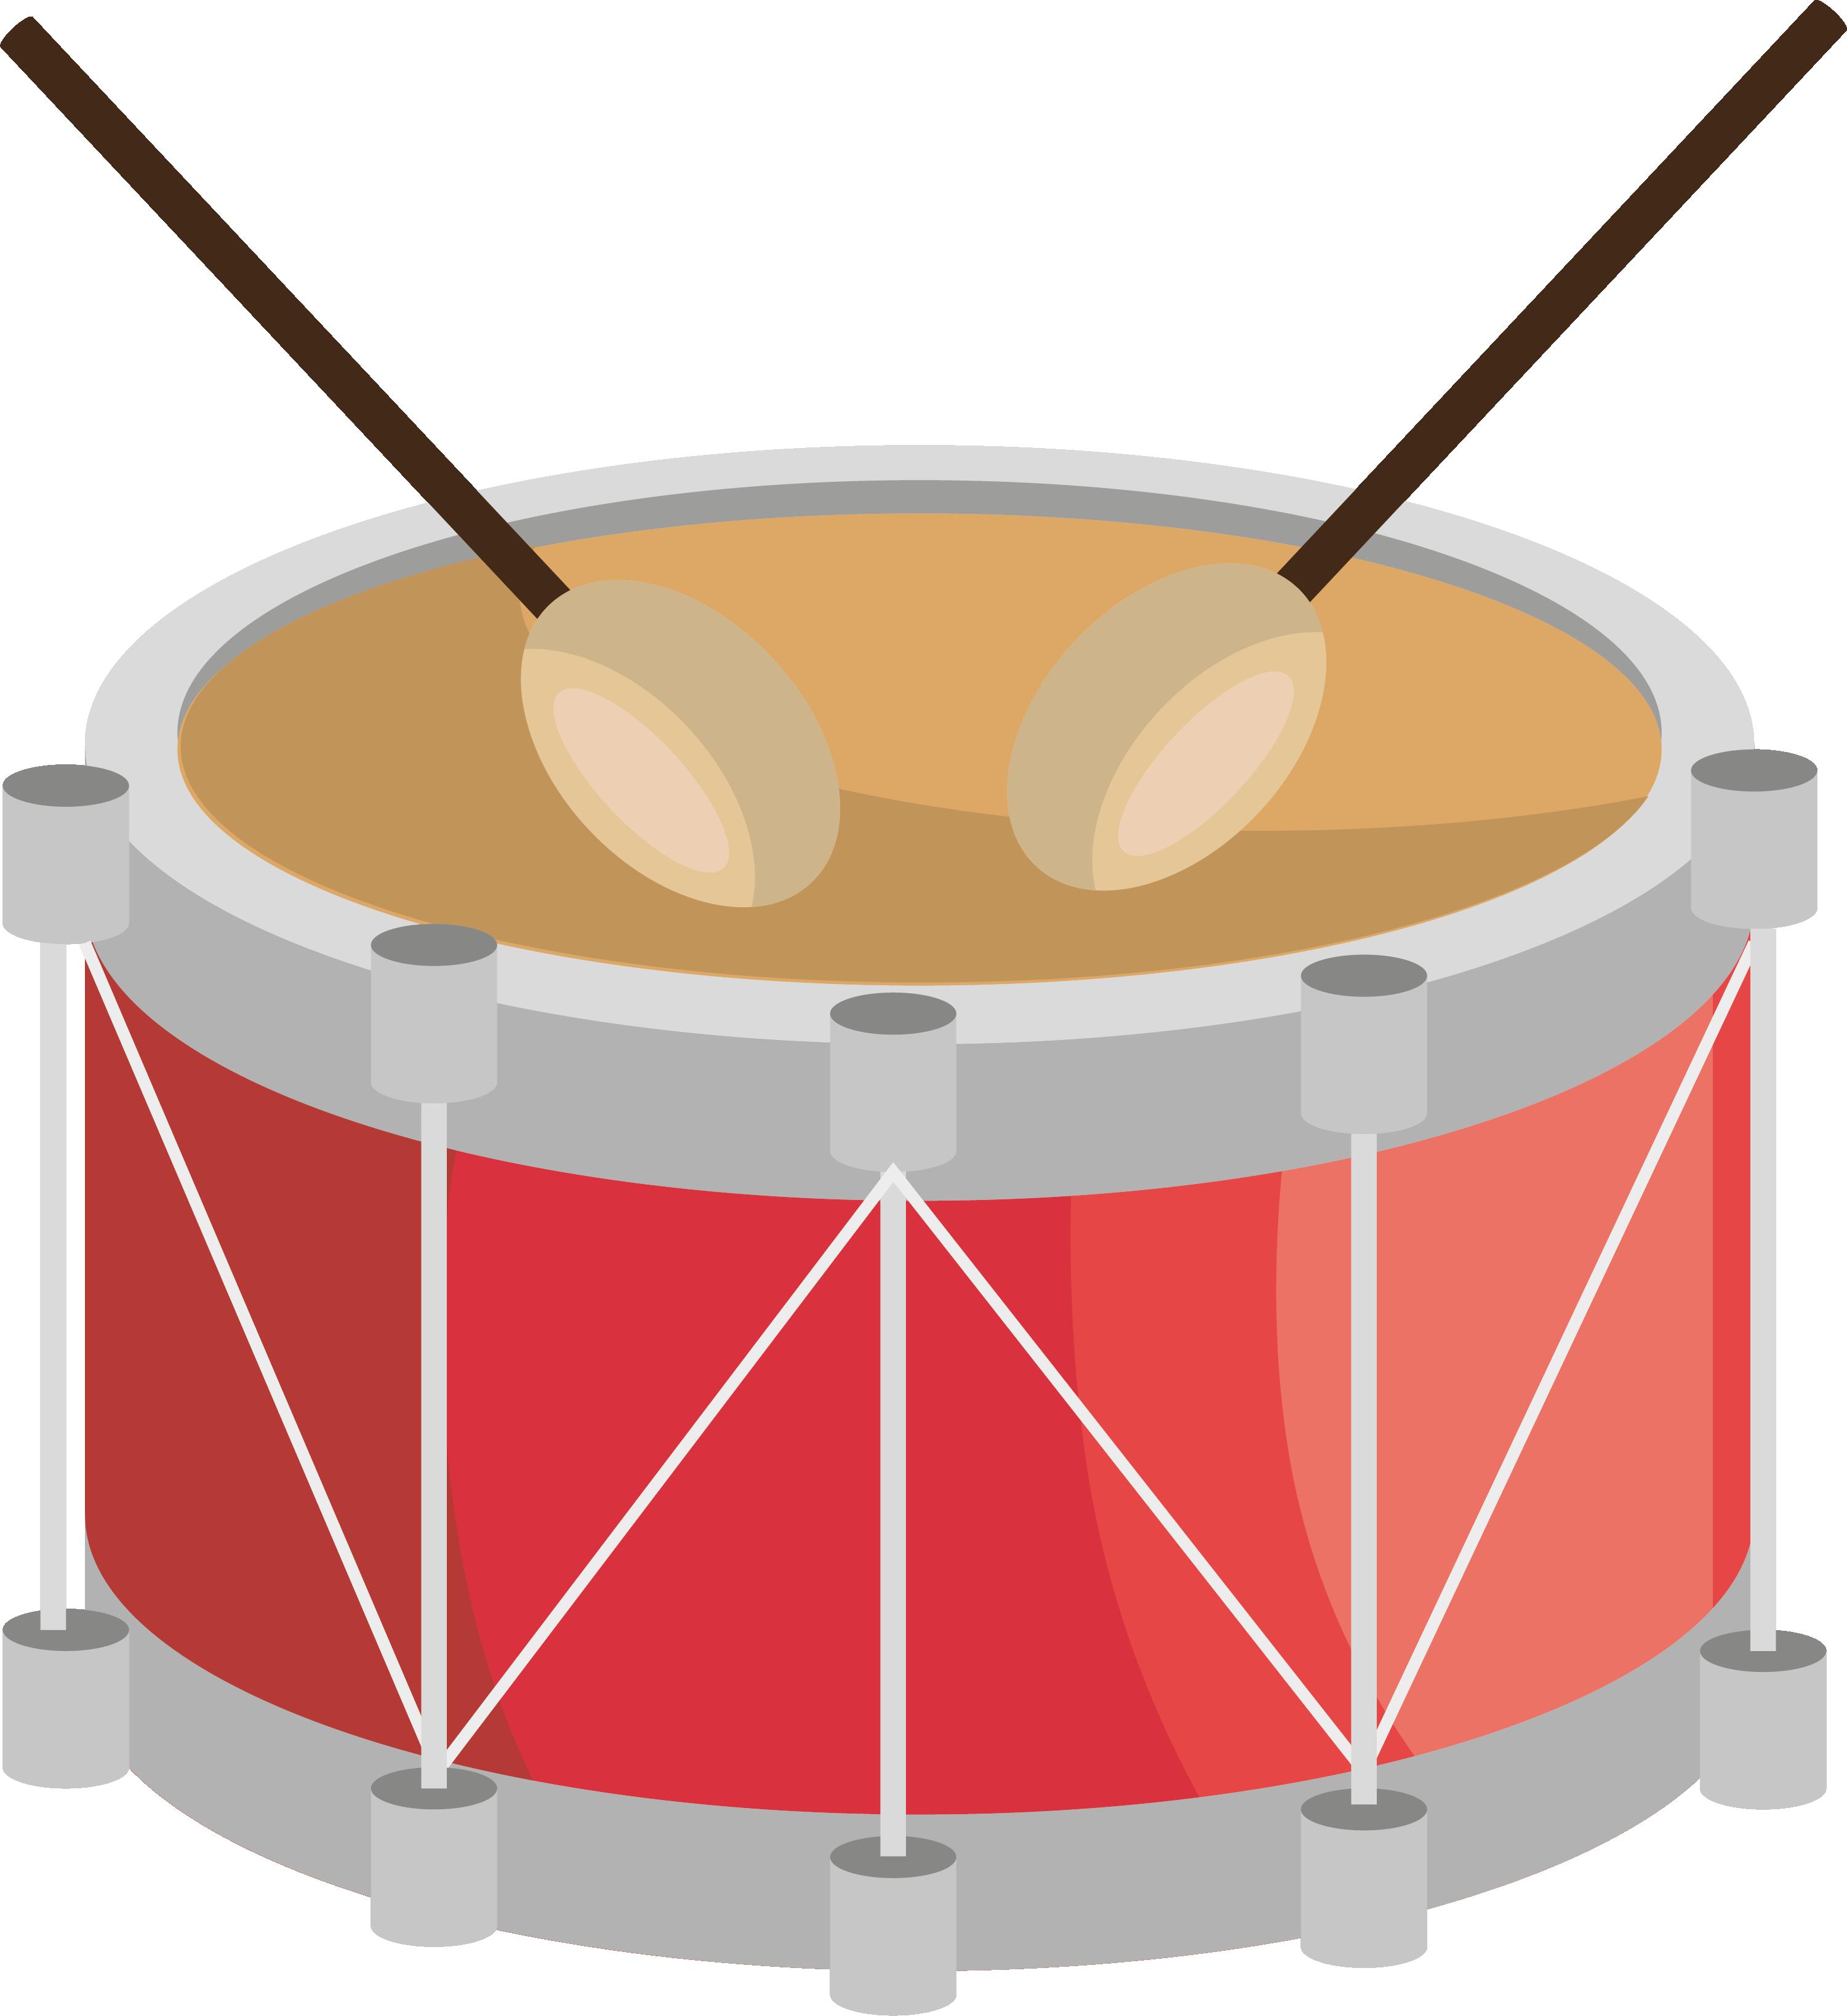 Drum intrument